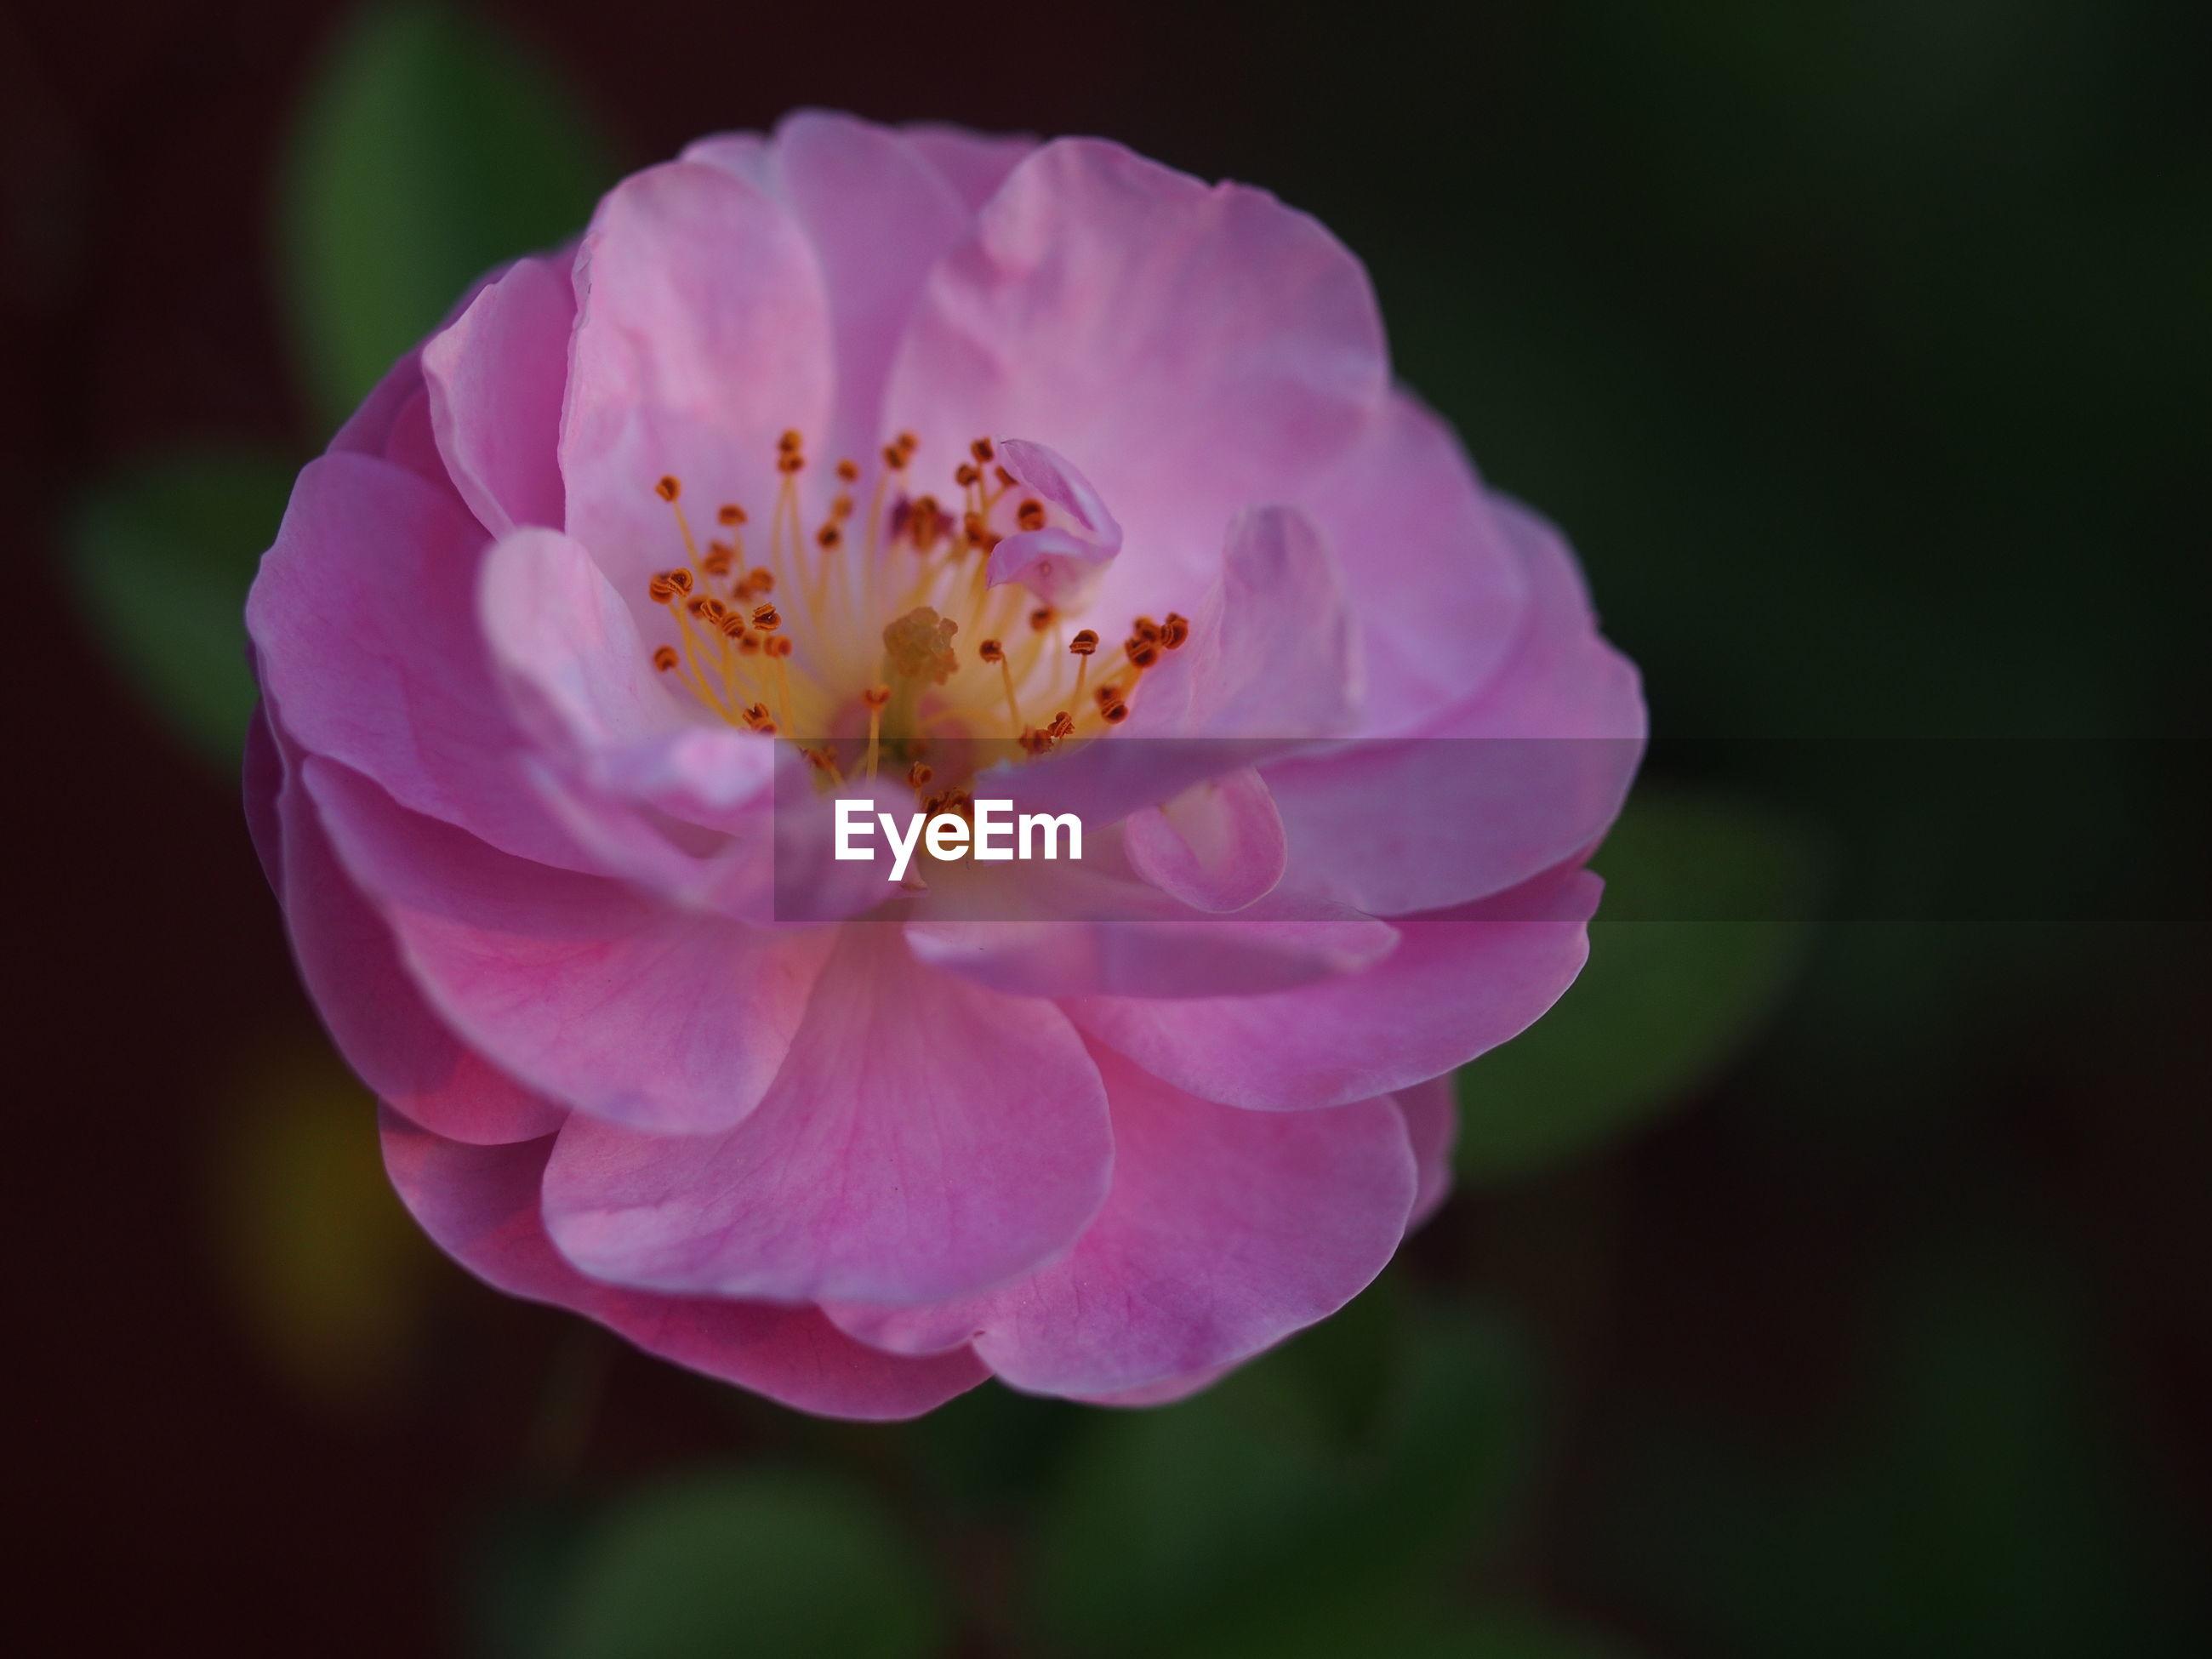 CLOSE-UP OF PINK ROSE